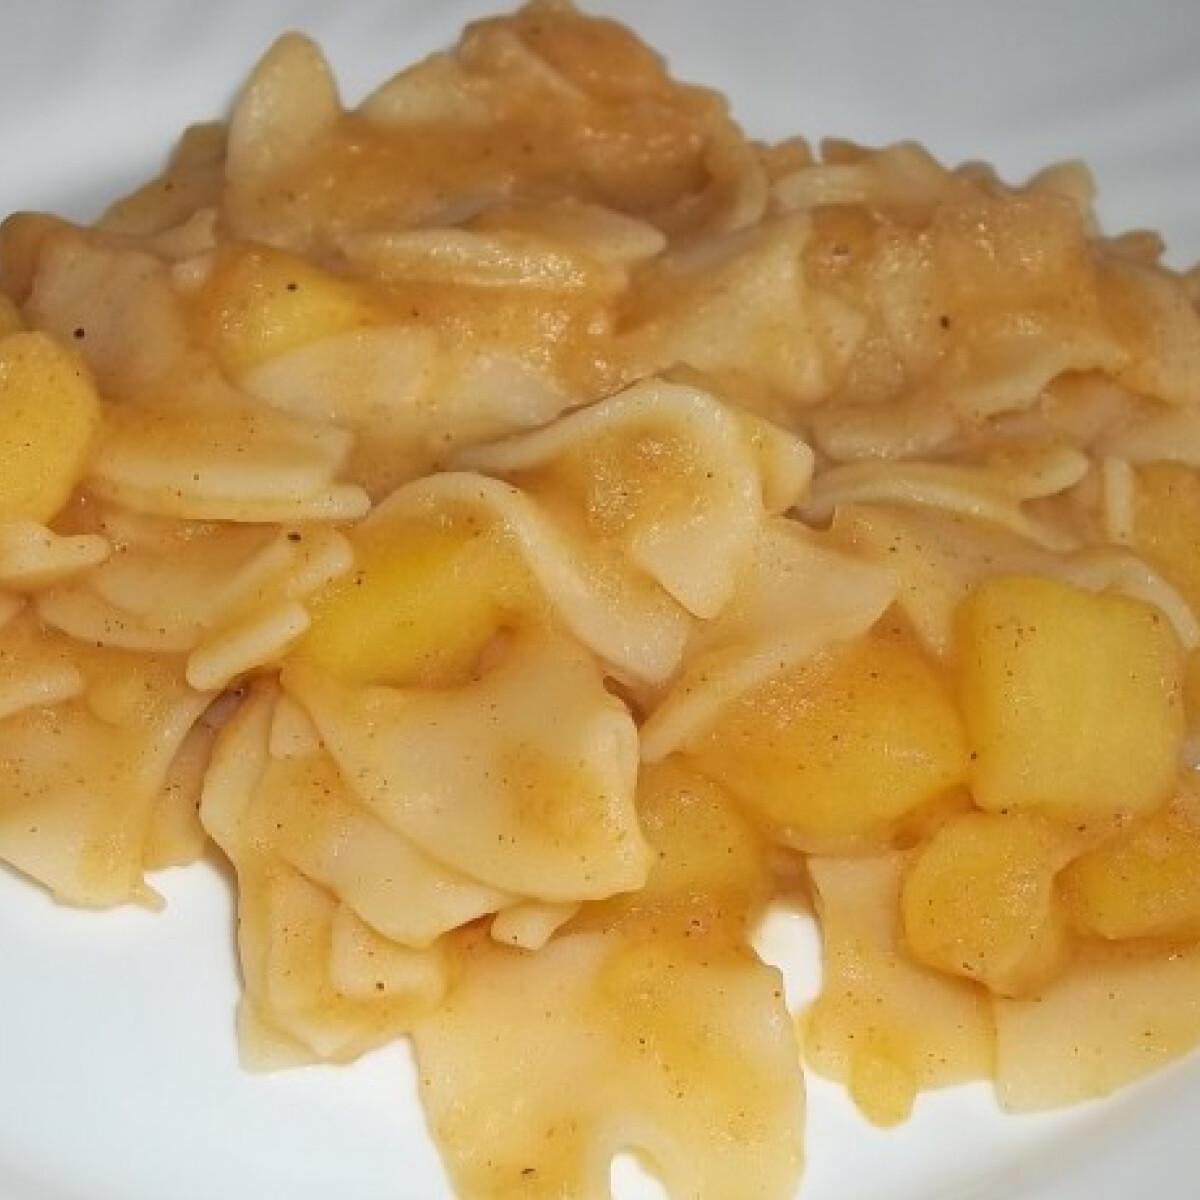 Krumplis tészta ahogy töjpilla készíti